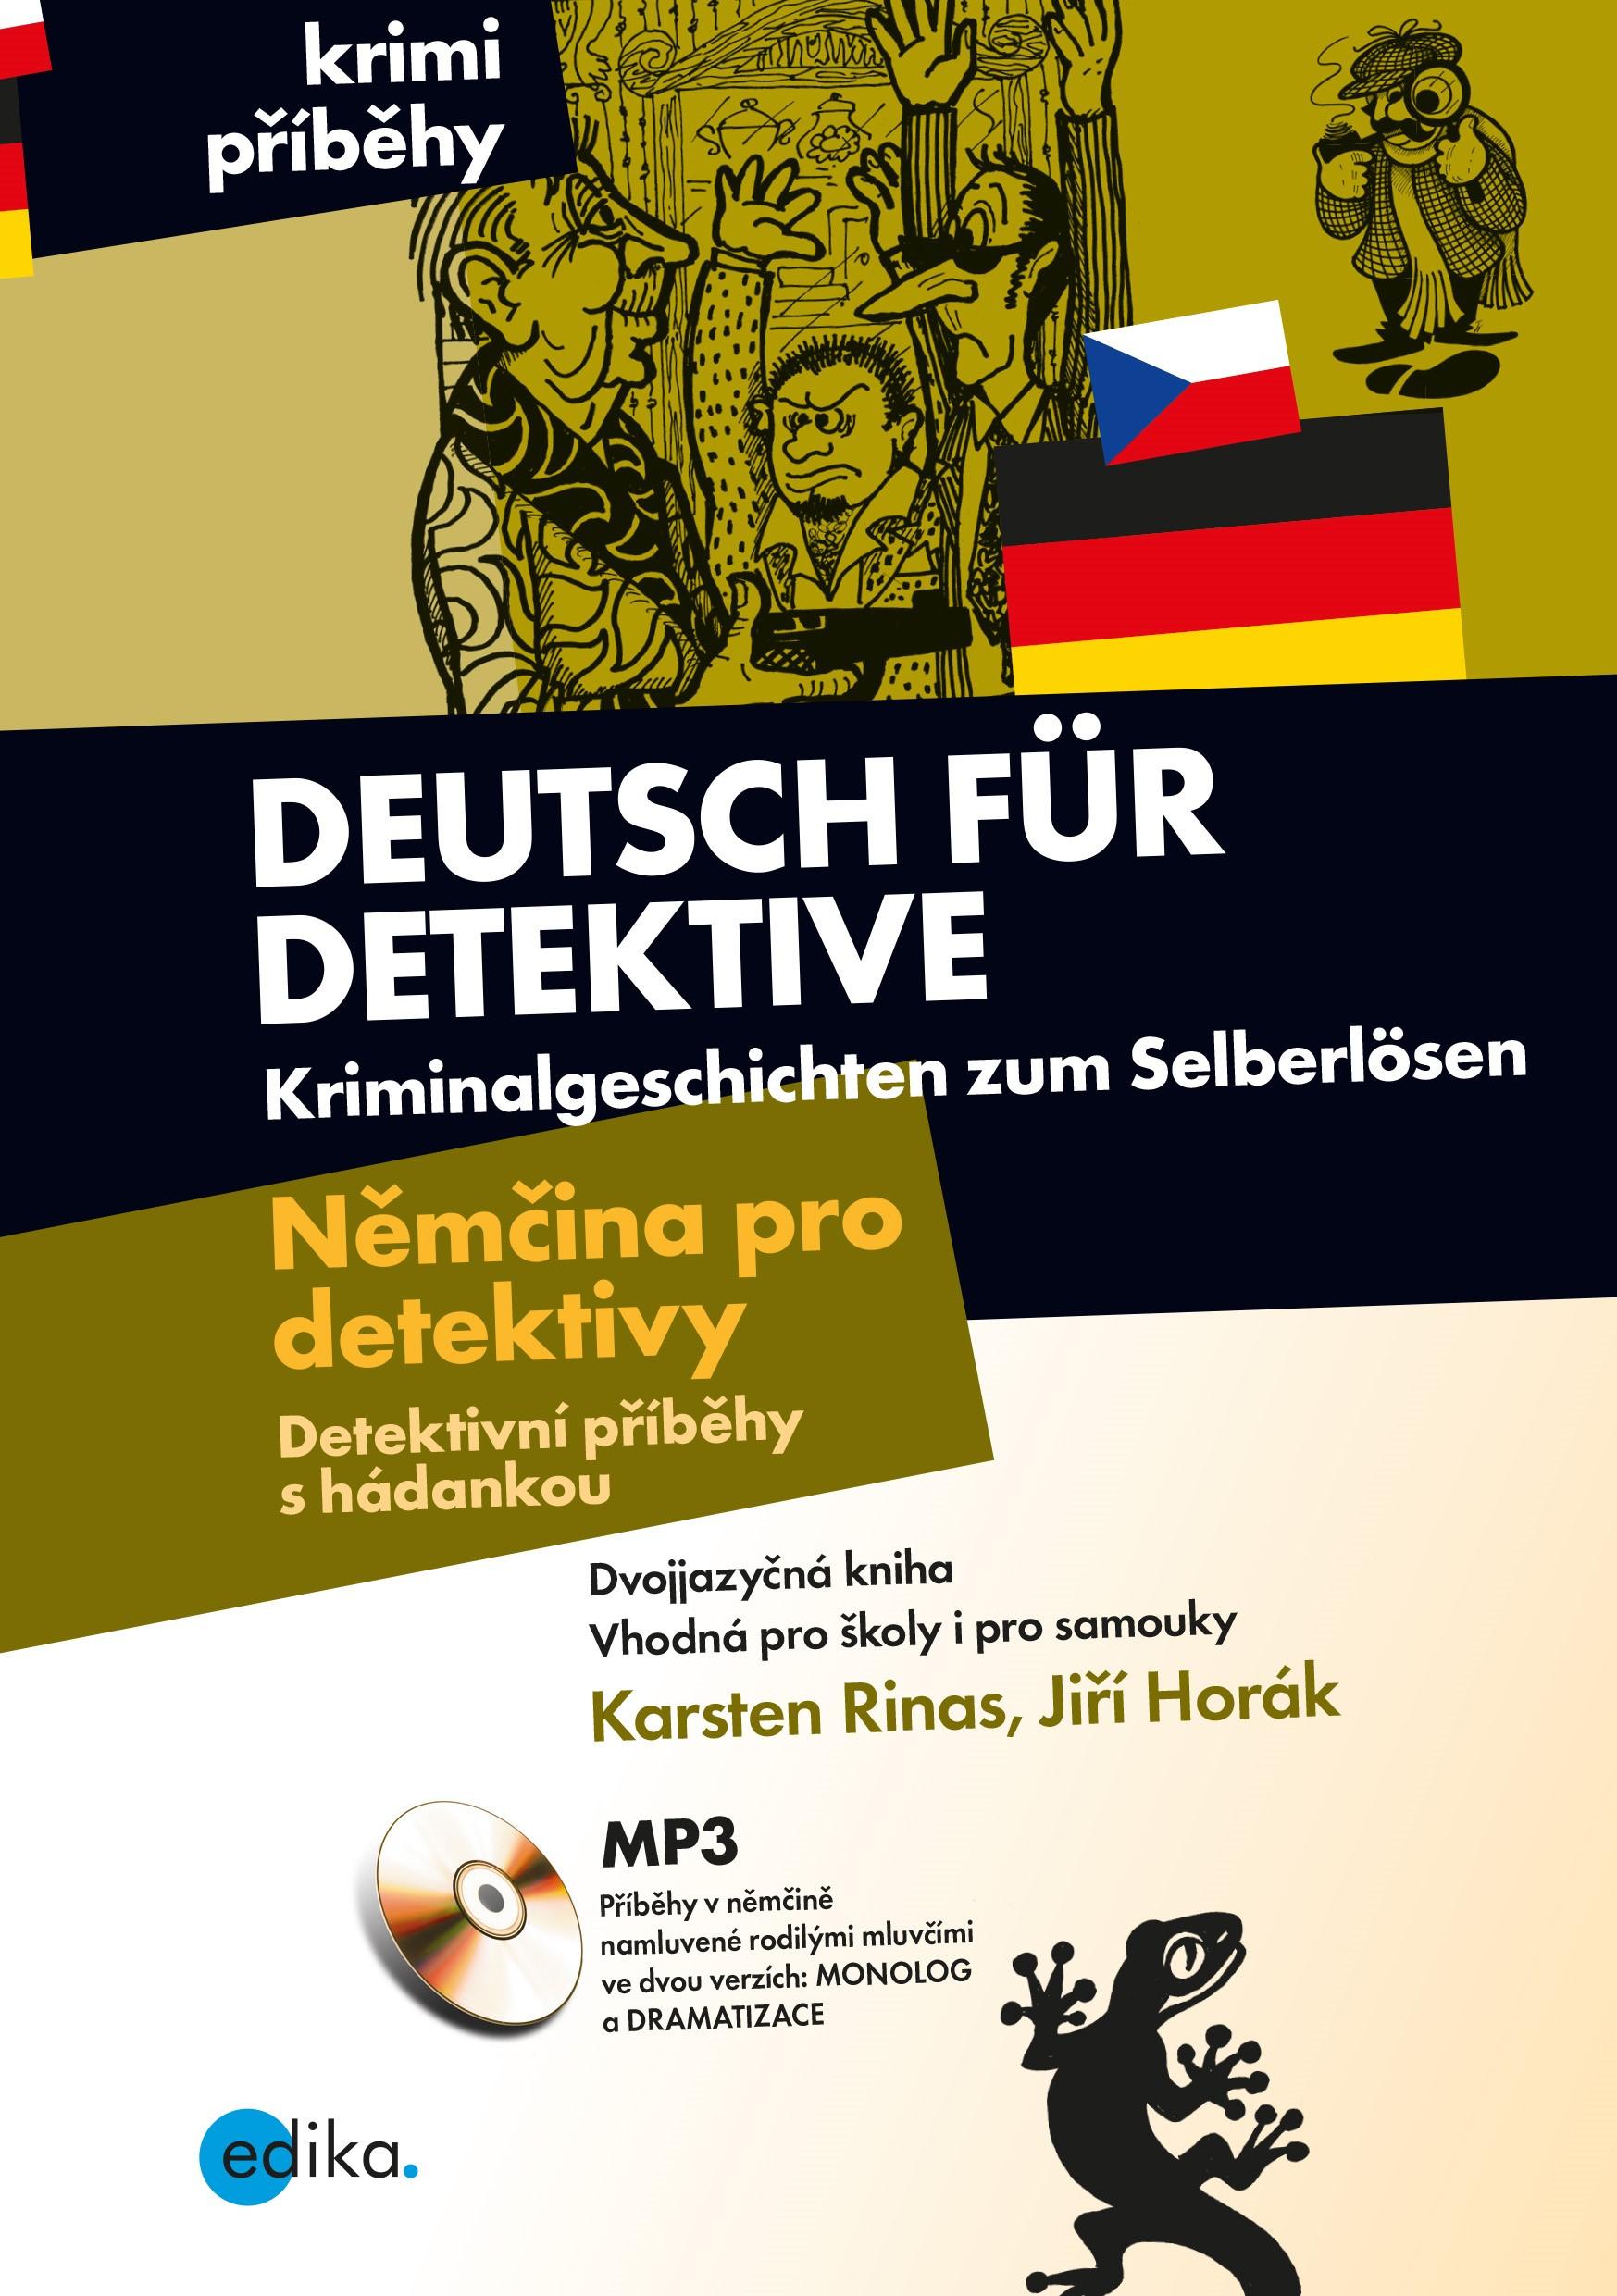 Němčina pro detektivy - Detektivní příbě - Jiří Horák, Karsten Rinas